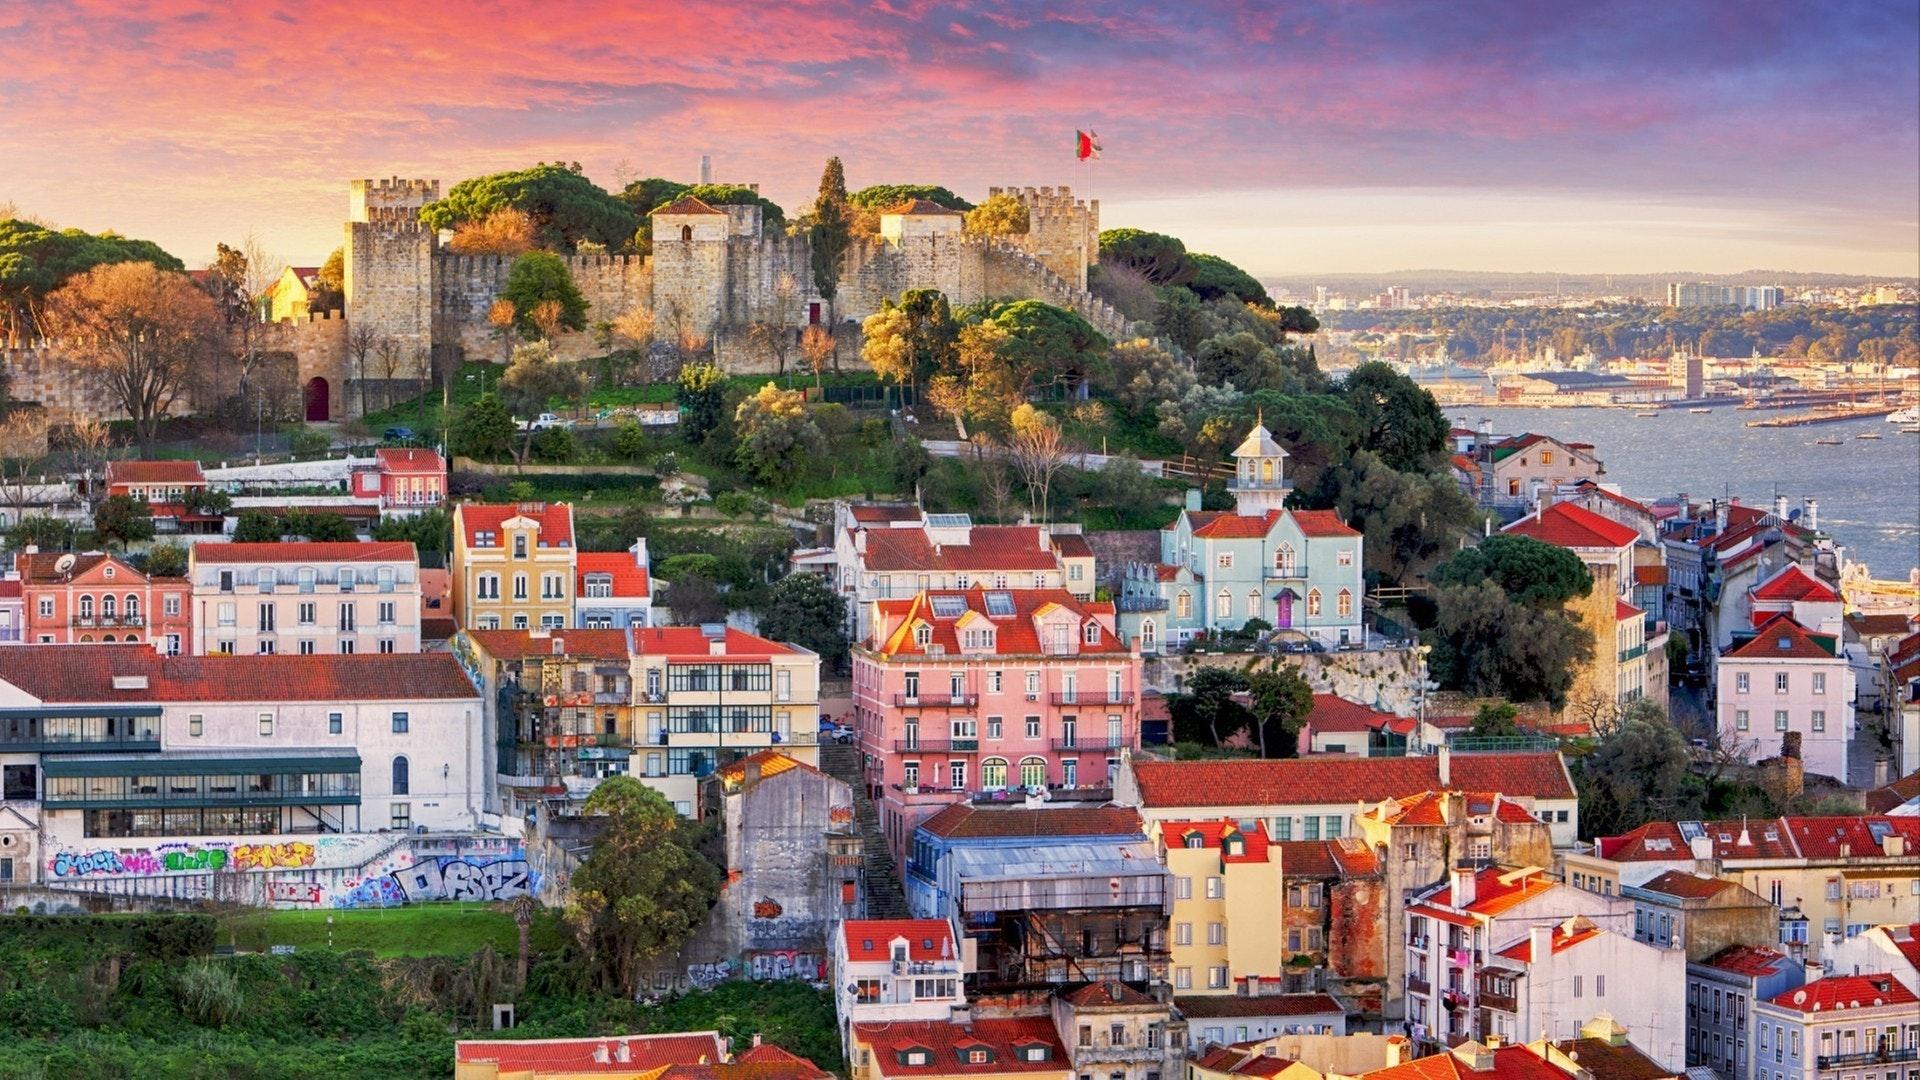 Horizonte de Lisboa, Portugal con Castillo de San Jorge